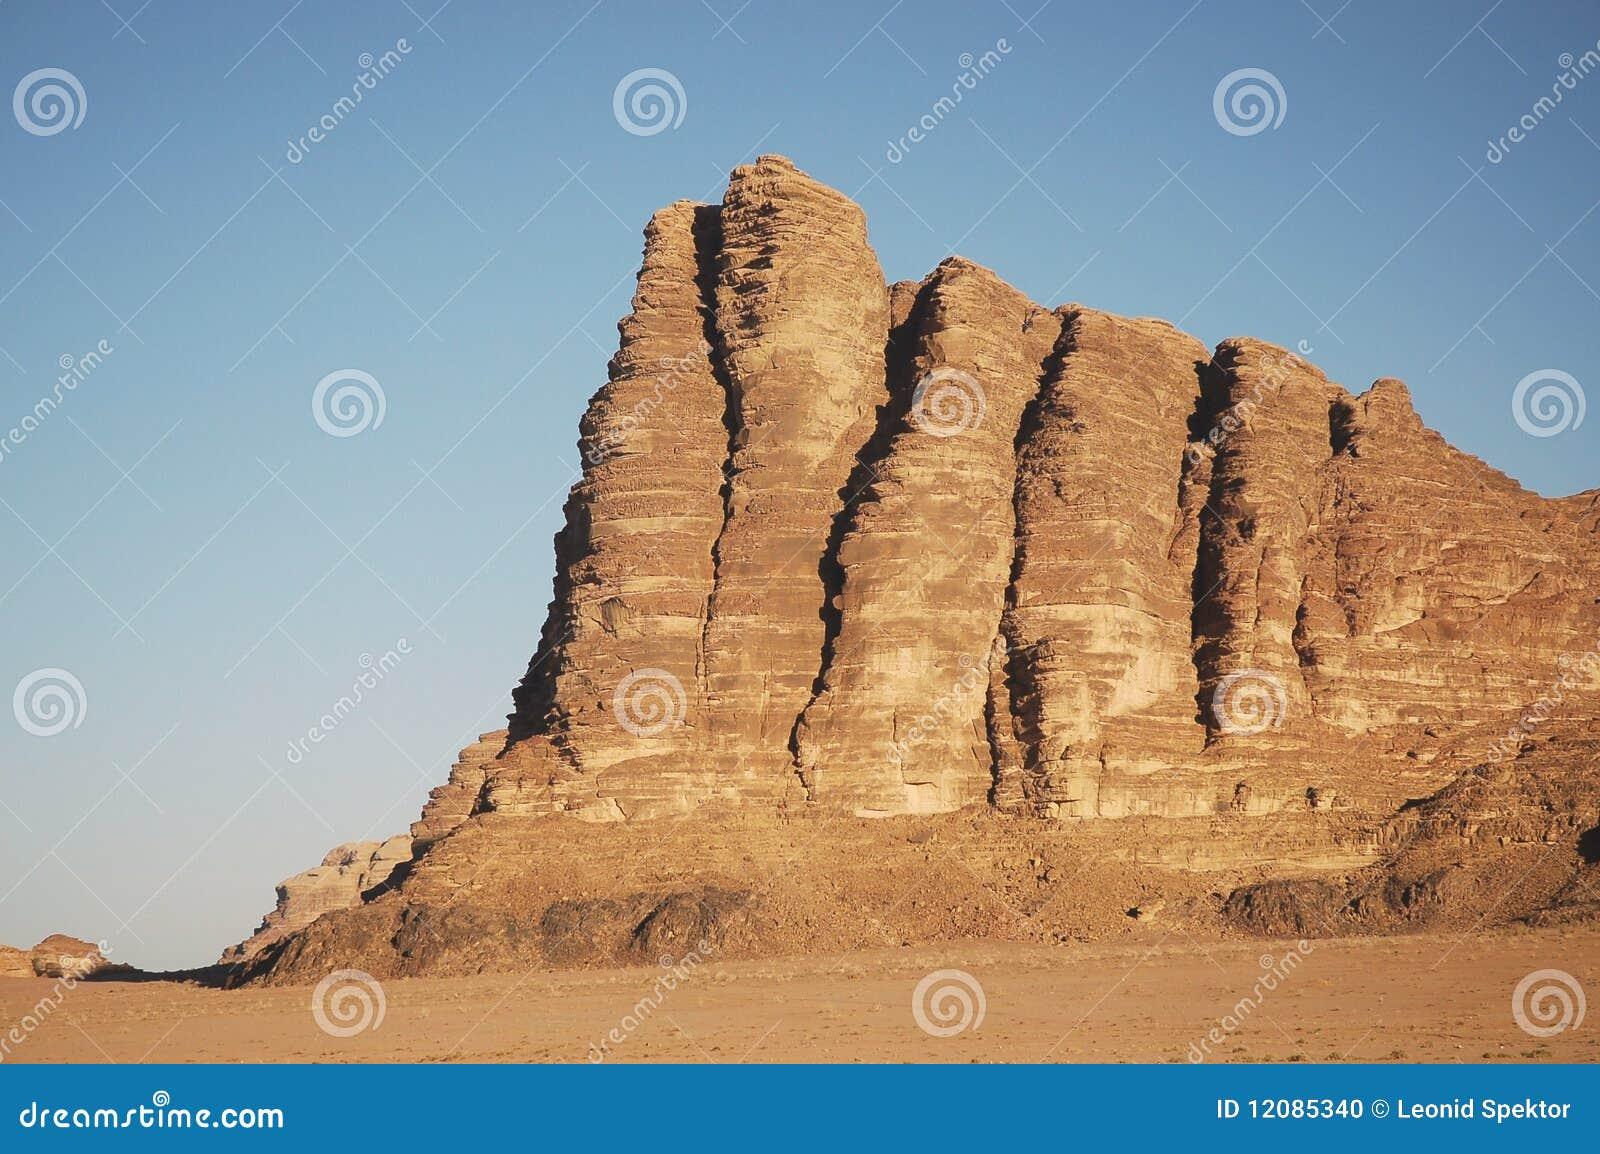 乔丹命名了高峰柱子七智慧